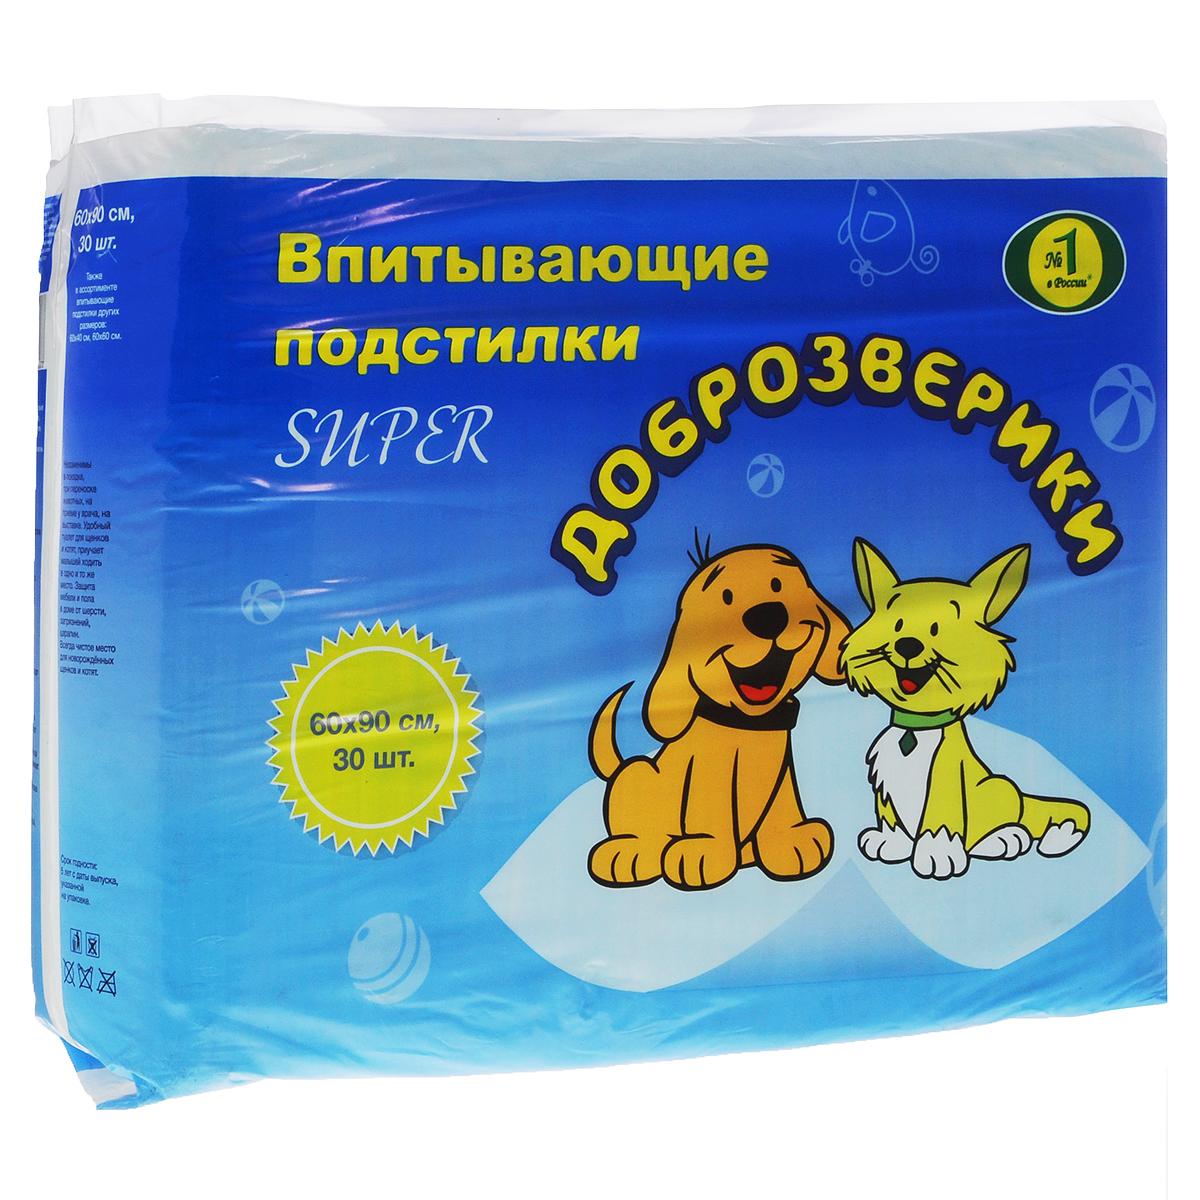 Подстилки для домашних животных Доброзверики, впитывающие, 60 см х 90 см, 30 шт подстилки для домашних животных доброзверики впитывающие 60 см х 40 см 5 шт